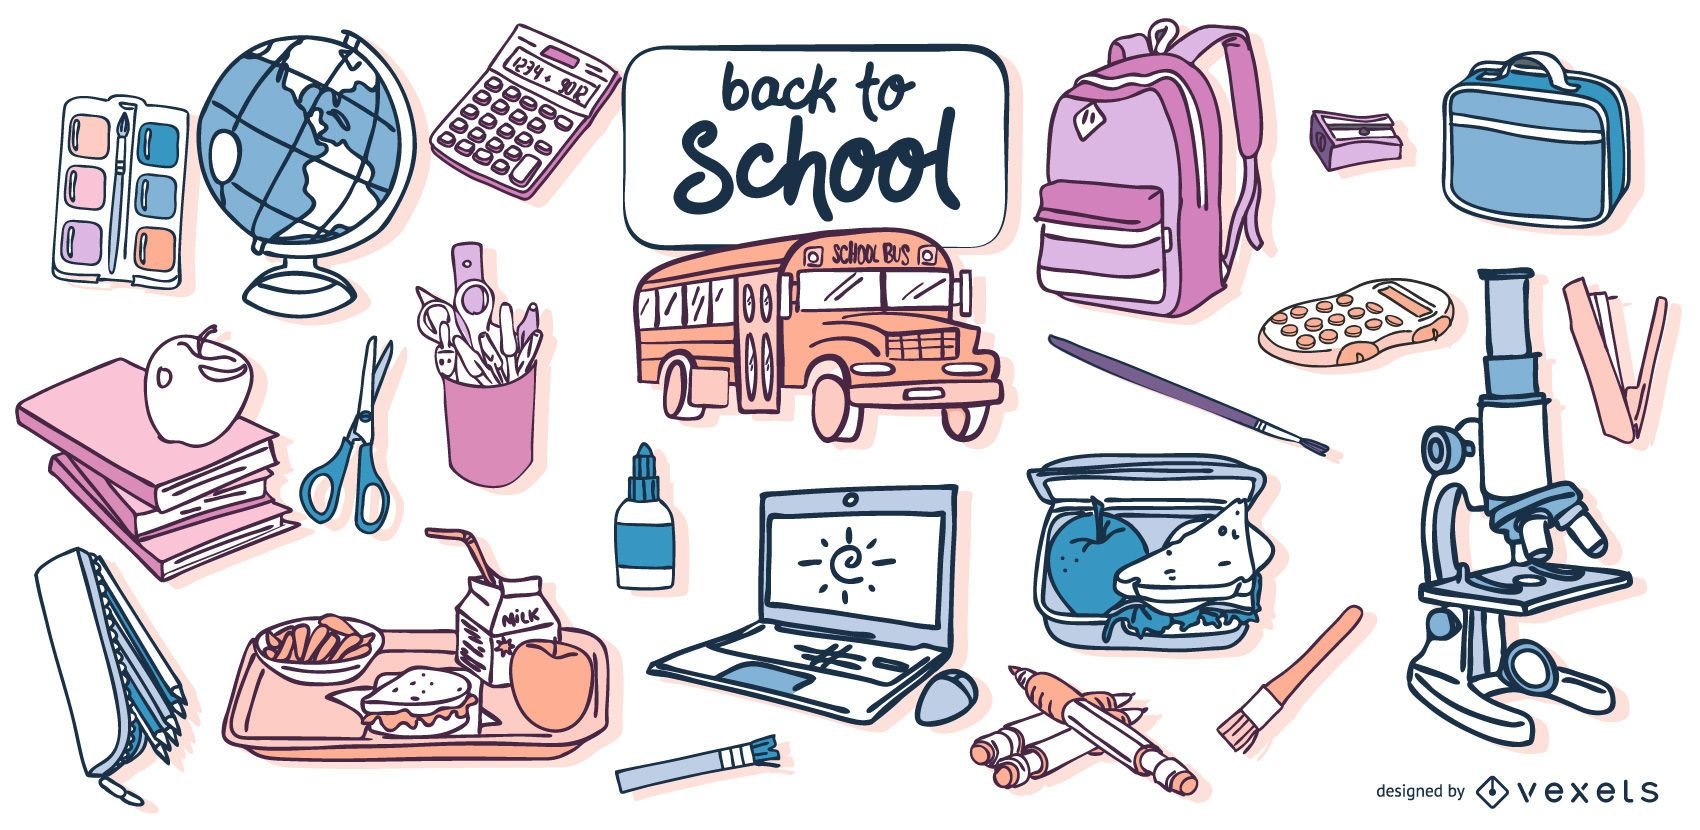 Back to School Vector Design